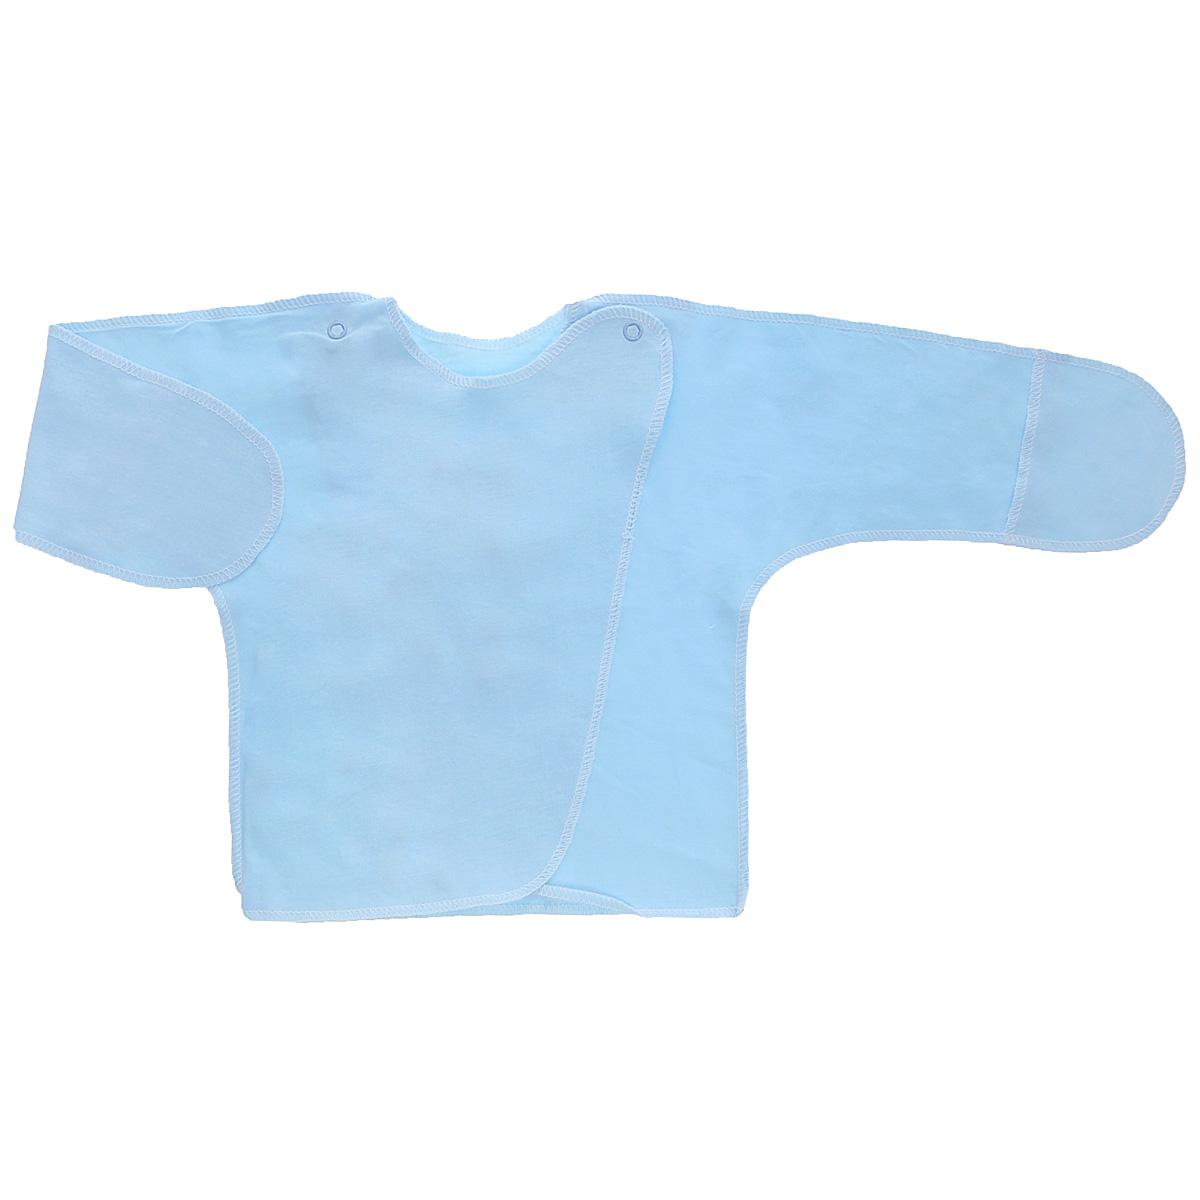 Распашонка5003Распашонка с закрытыми ручками Трон-плюс послужит идеальным дополнением к гардеробу младенца. Распашонка, выполненная швами наружу, изготовлена из кулирного полотна - натурального хлопка, благодаря чему она необычайно мягкая и легкая, не раздражает нежную кожу ребенка и хорошо вентилируется, а эластичные швы приятны телу малыша и не препятствуют его движениям. Распашонка с запахом, застегивается при помощи двух кнопок на плечах, которые позволяют без труда переодеть ребенка. Благодаря рукавичкам ребенок не поцарапает себя.